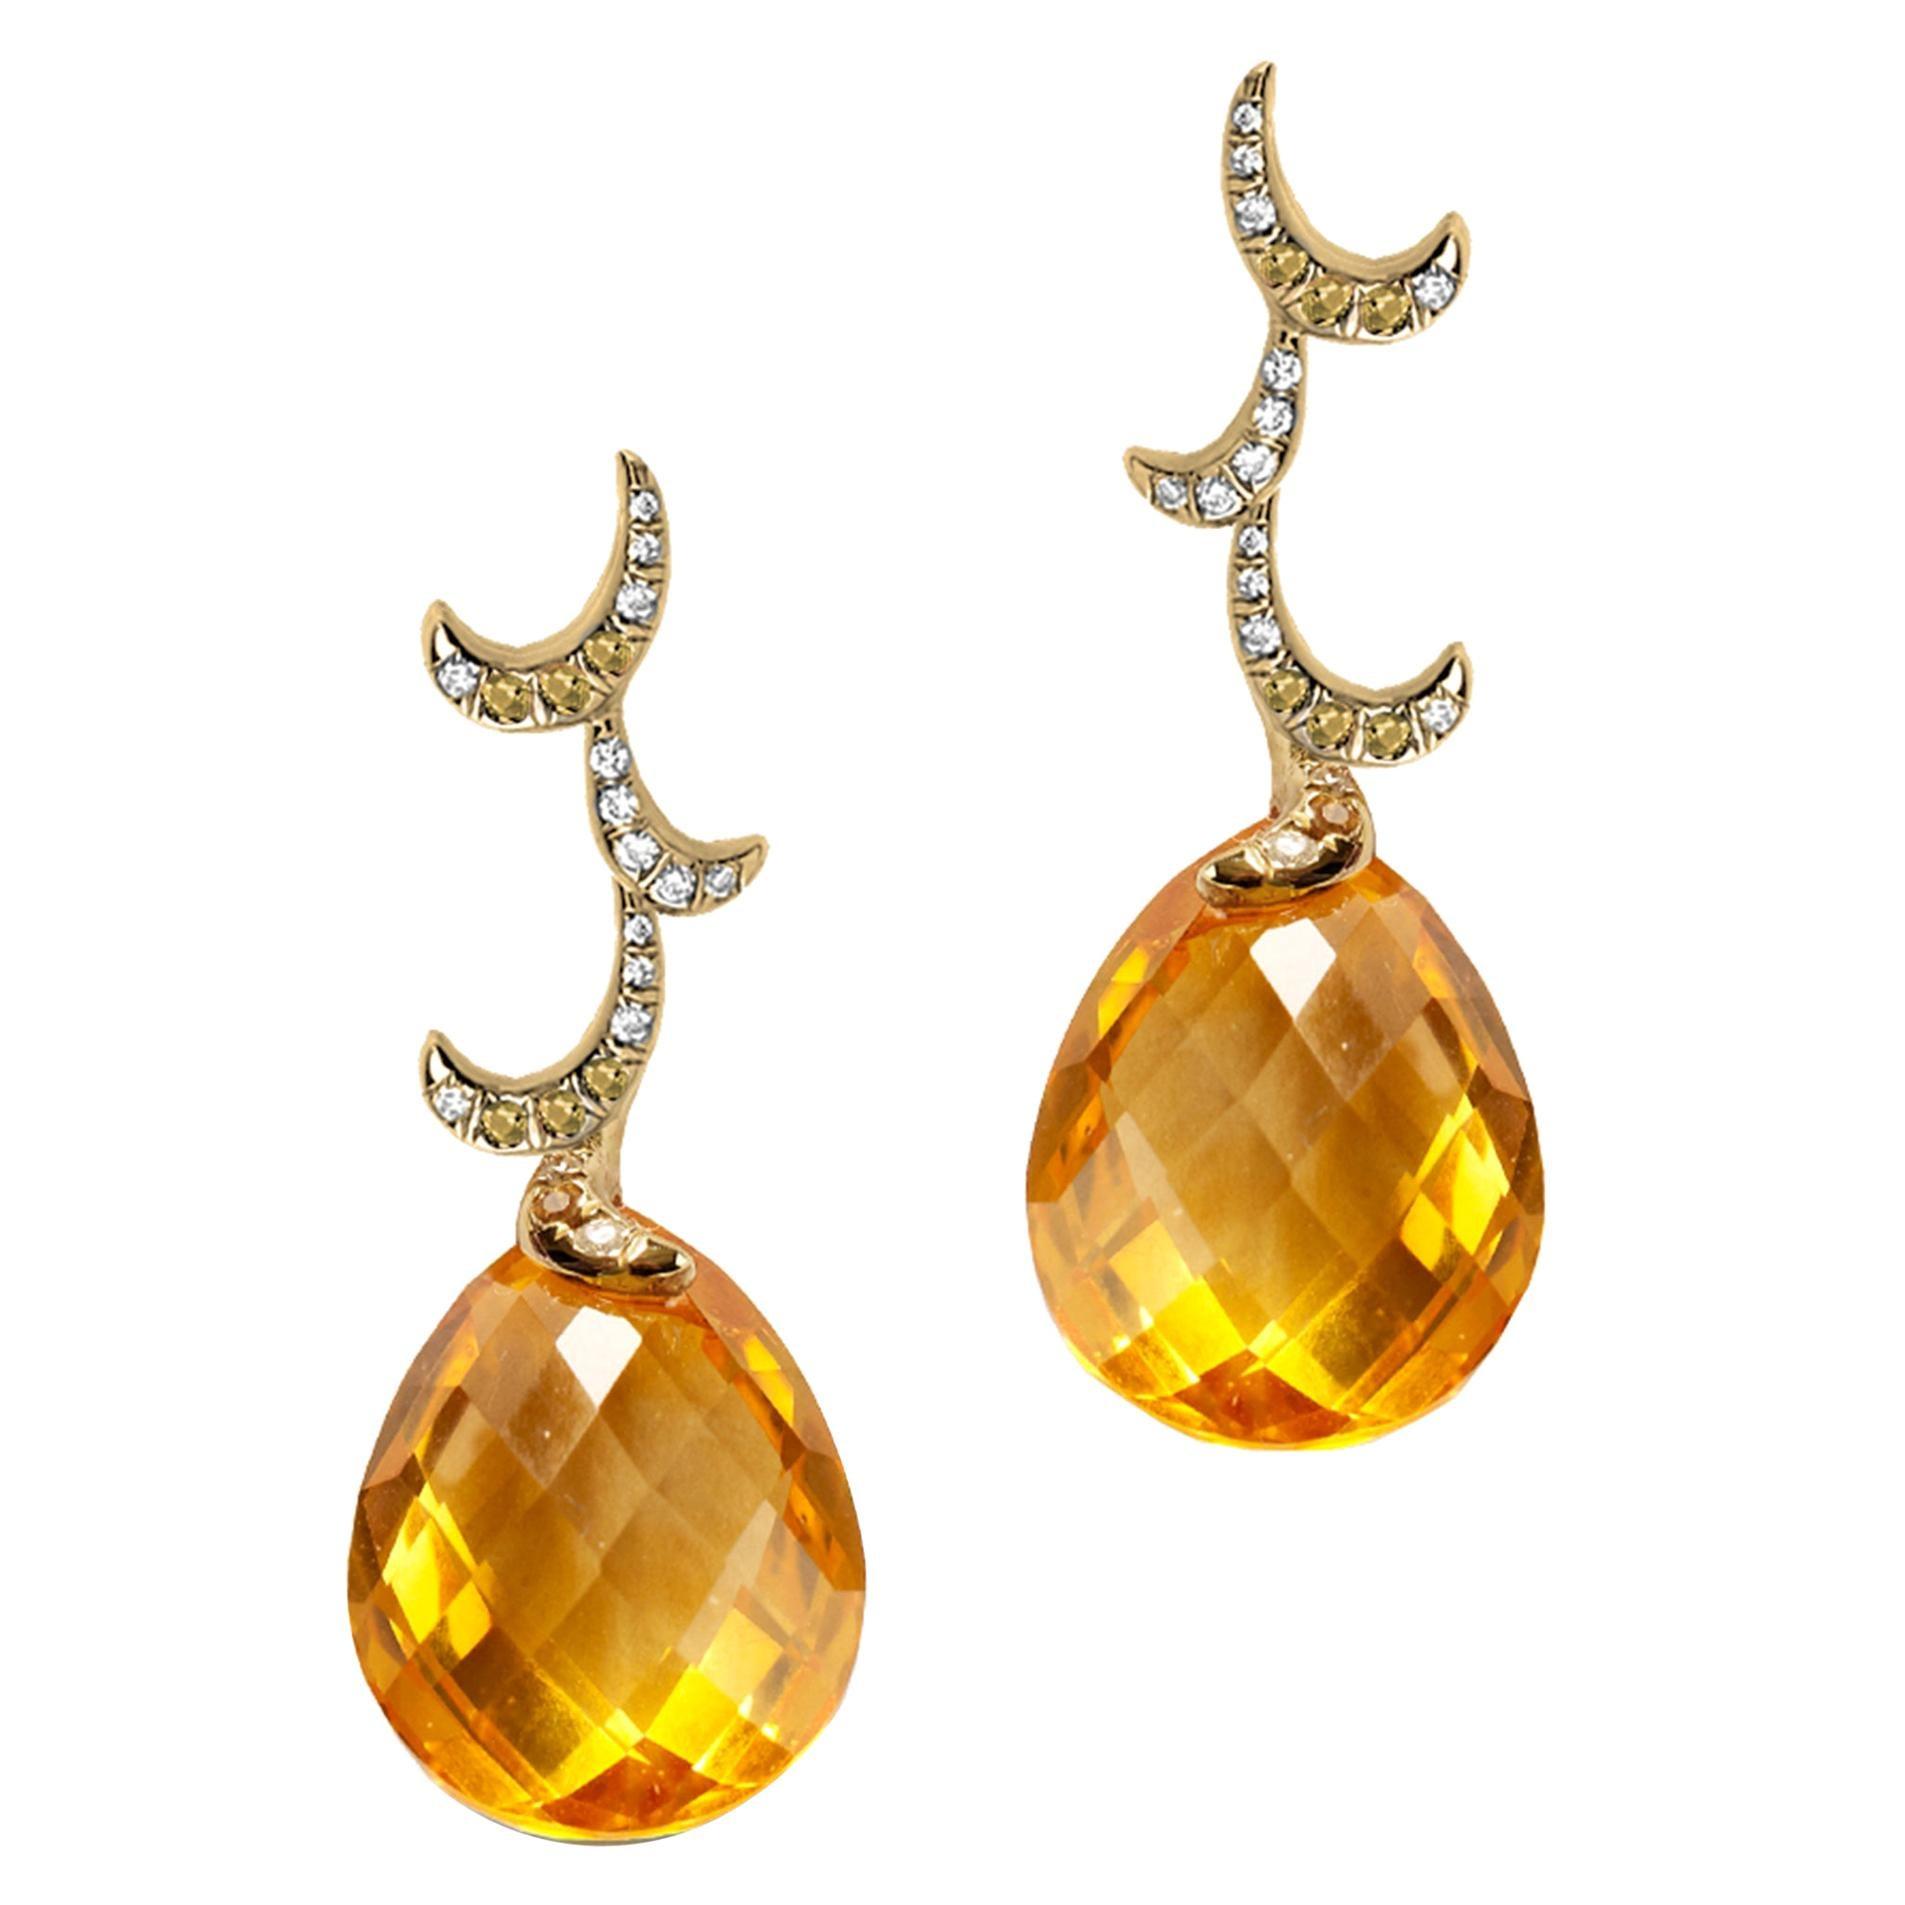 Fei Liu Briolette Citrine Diamond 18 Karat Yellow Gold Drop Earrings